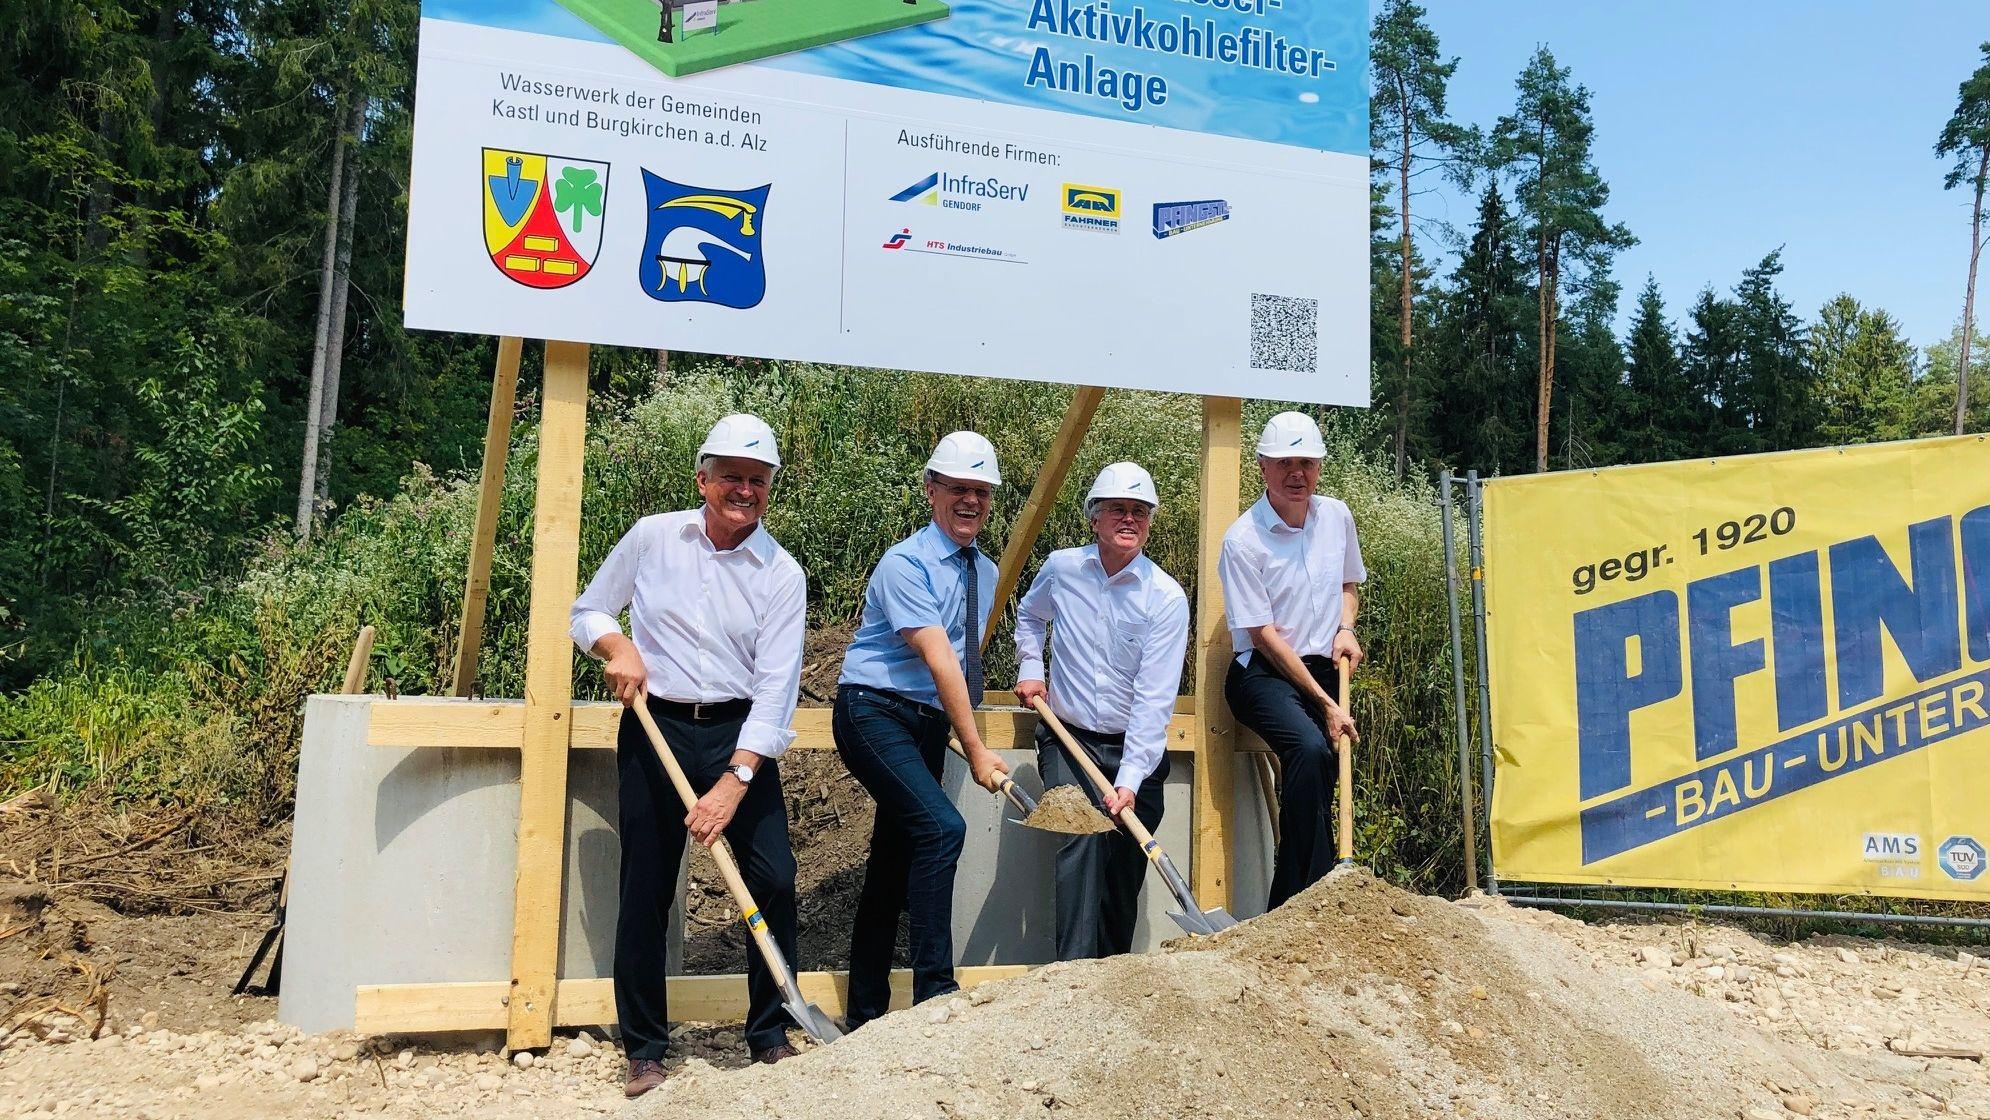 Spatenstich Kastl: (von links) Gottfried Mitterer, 1. BM Kastl (FW), Johann Krichenbauer, 1. BM Burgkirchen (FW), InfraServ-Geschäftsleiter Bernhard Langhammer, Dyneon-Geschäftsführer Burkhard Anders